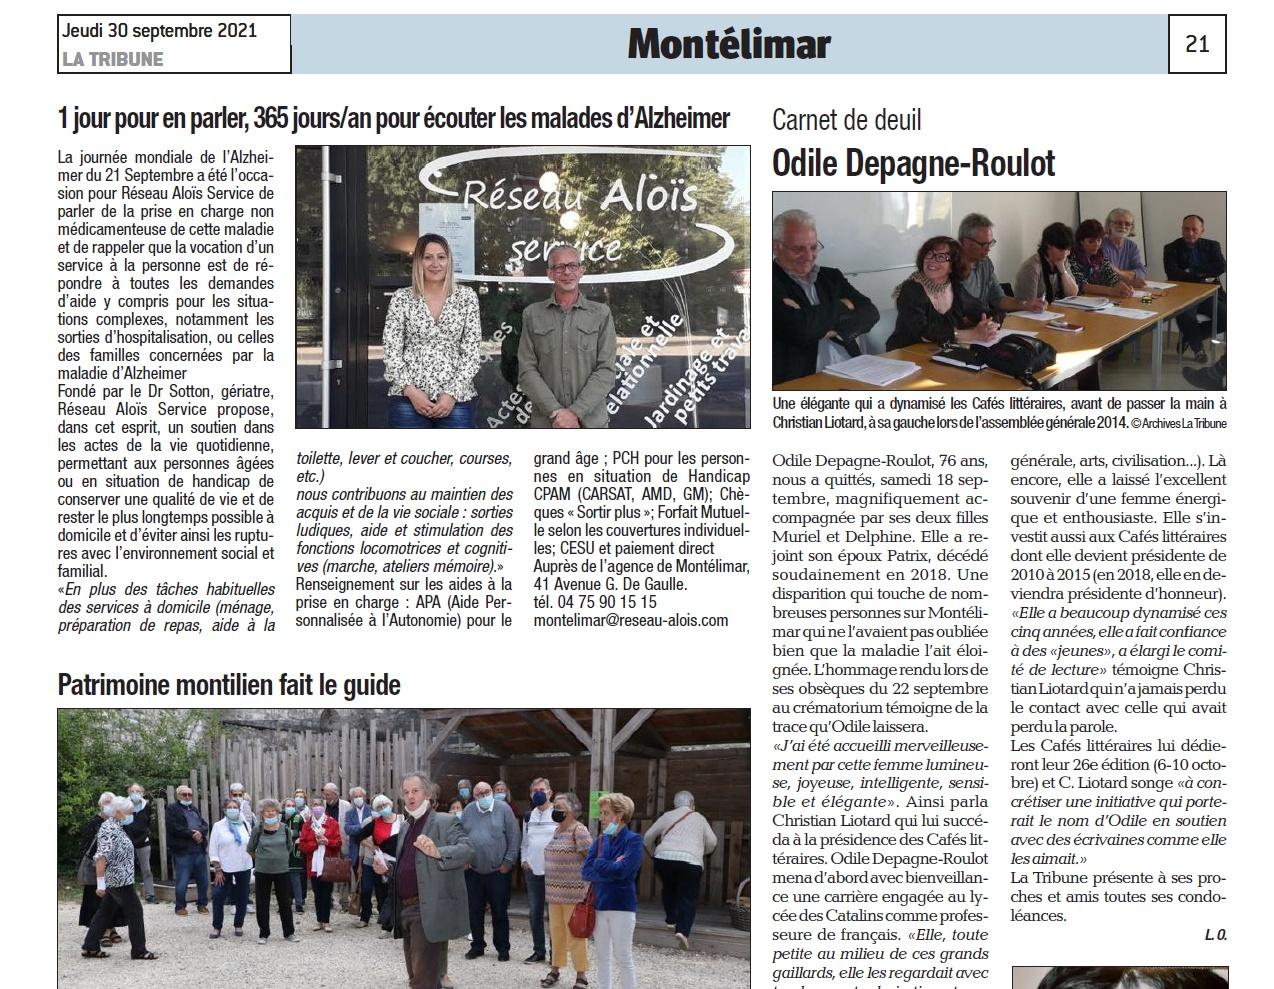 La Tribune 30 septembre 2021 (Montélimar)